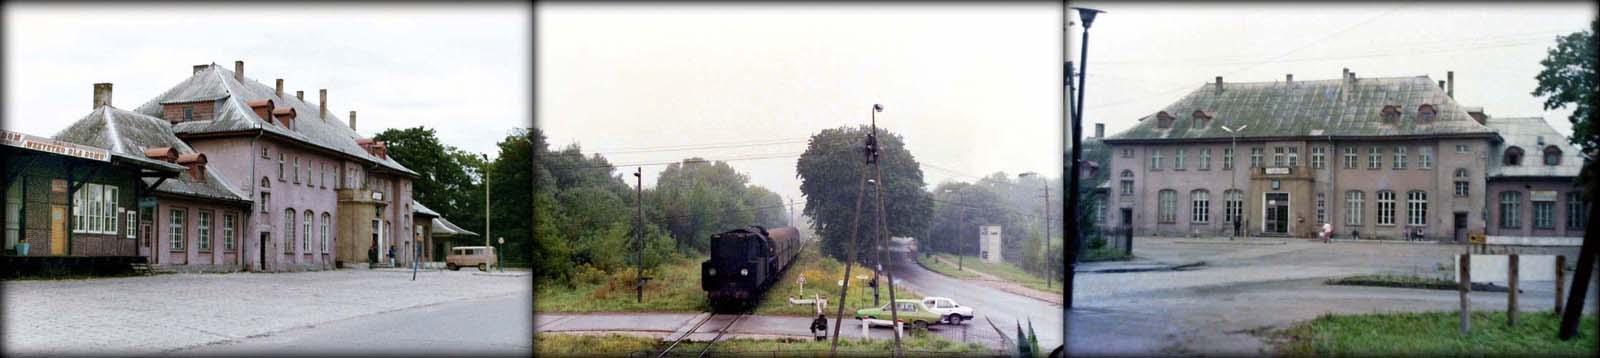 Gołdap w dniu 29.09.1990. Ol49-9 z Ełku, wjeżdża na stację Gołdap w dniu 02.09.1989. Gołdap w dniu 02.09.1989.